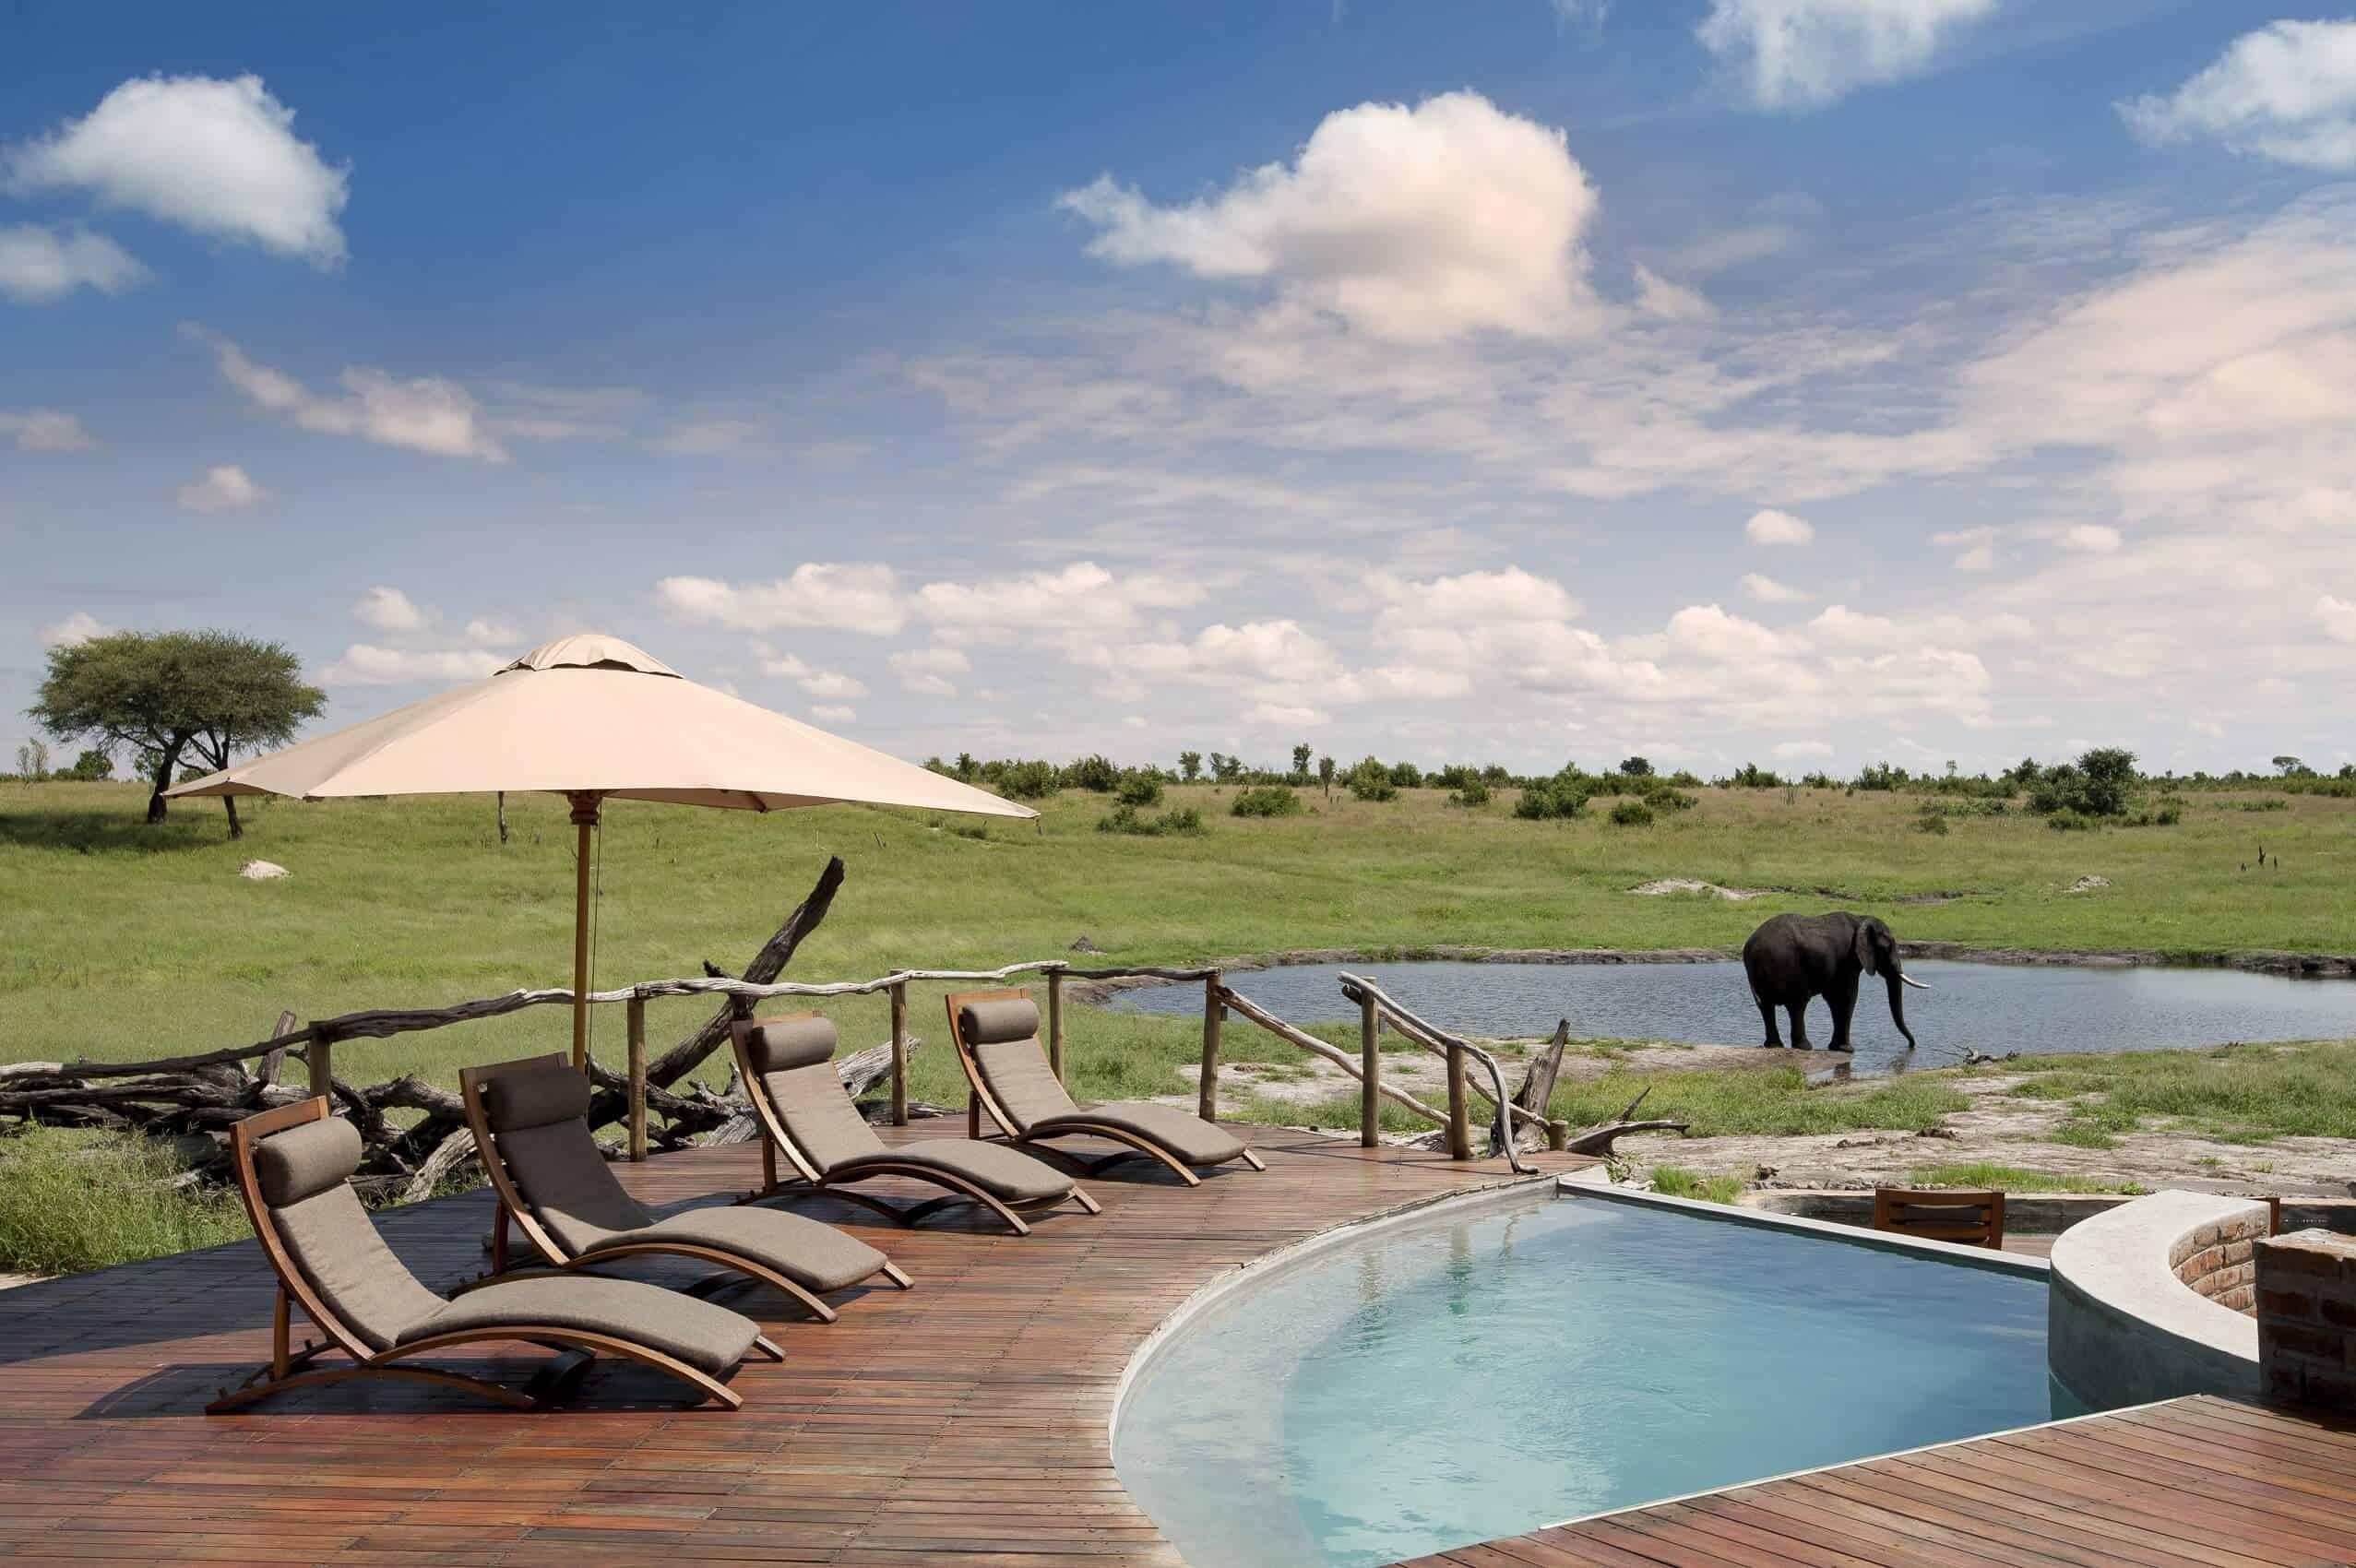 Safaris-somalisa-camp-africa-hwange-zimbabwe